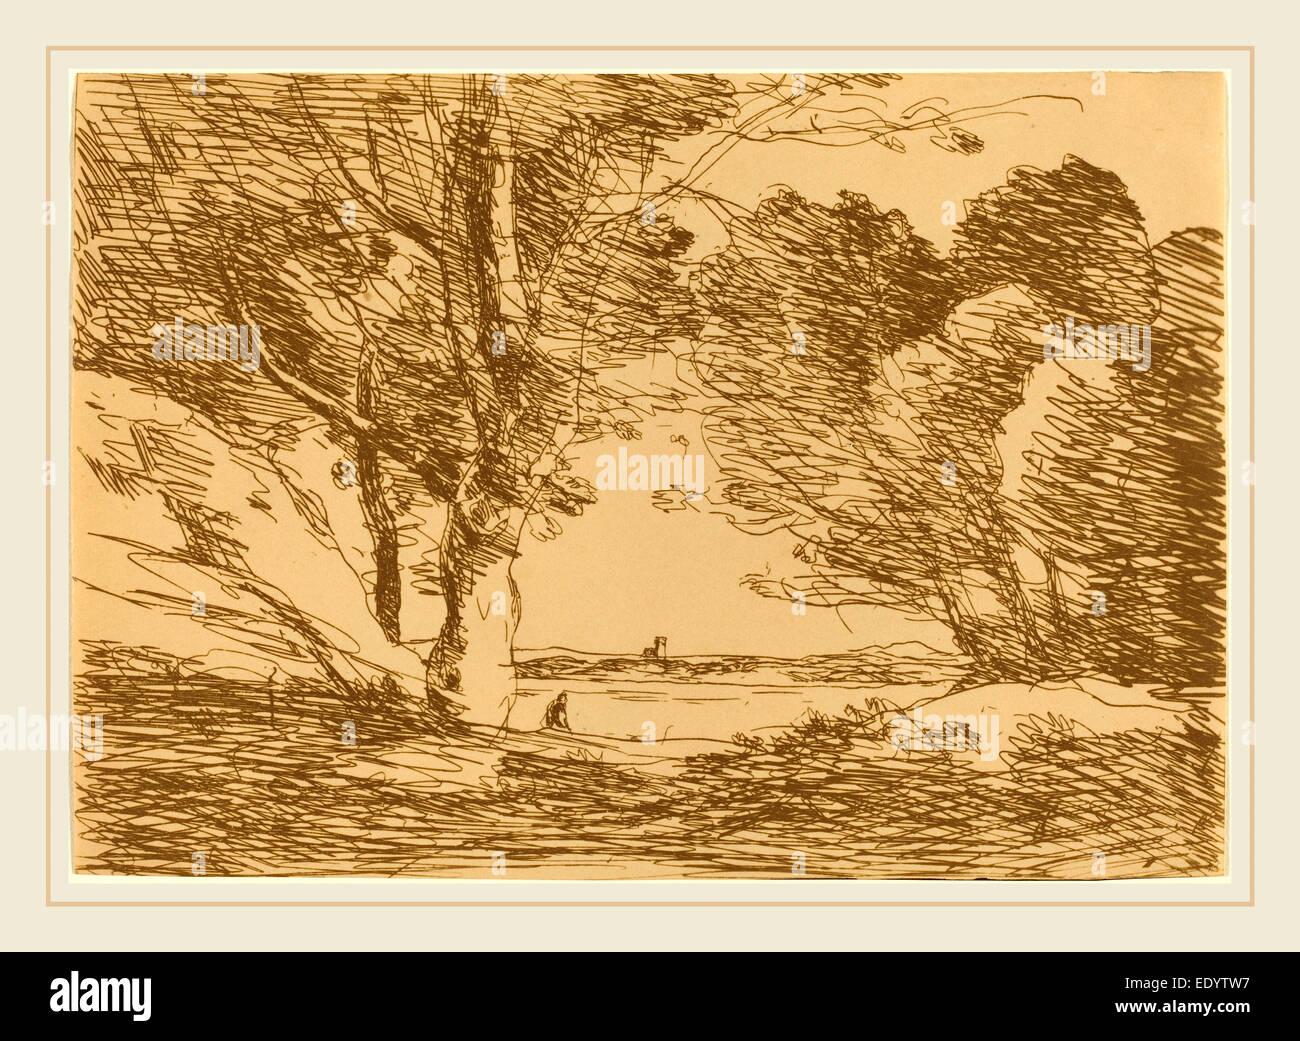 Jean-Baptiste-Camille Corot, français (1796-1875), tour à l'horizon d'un lac (d'un l'horizon Photo Stock